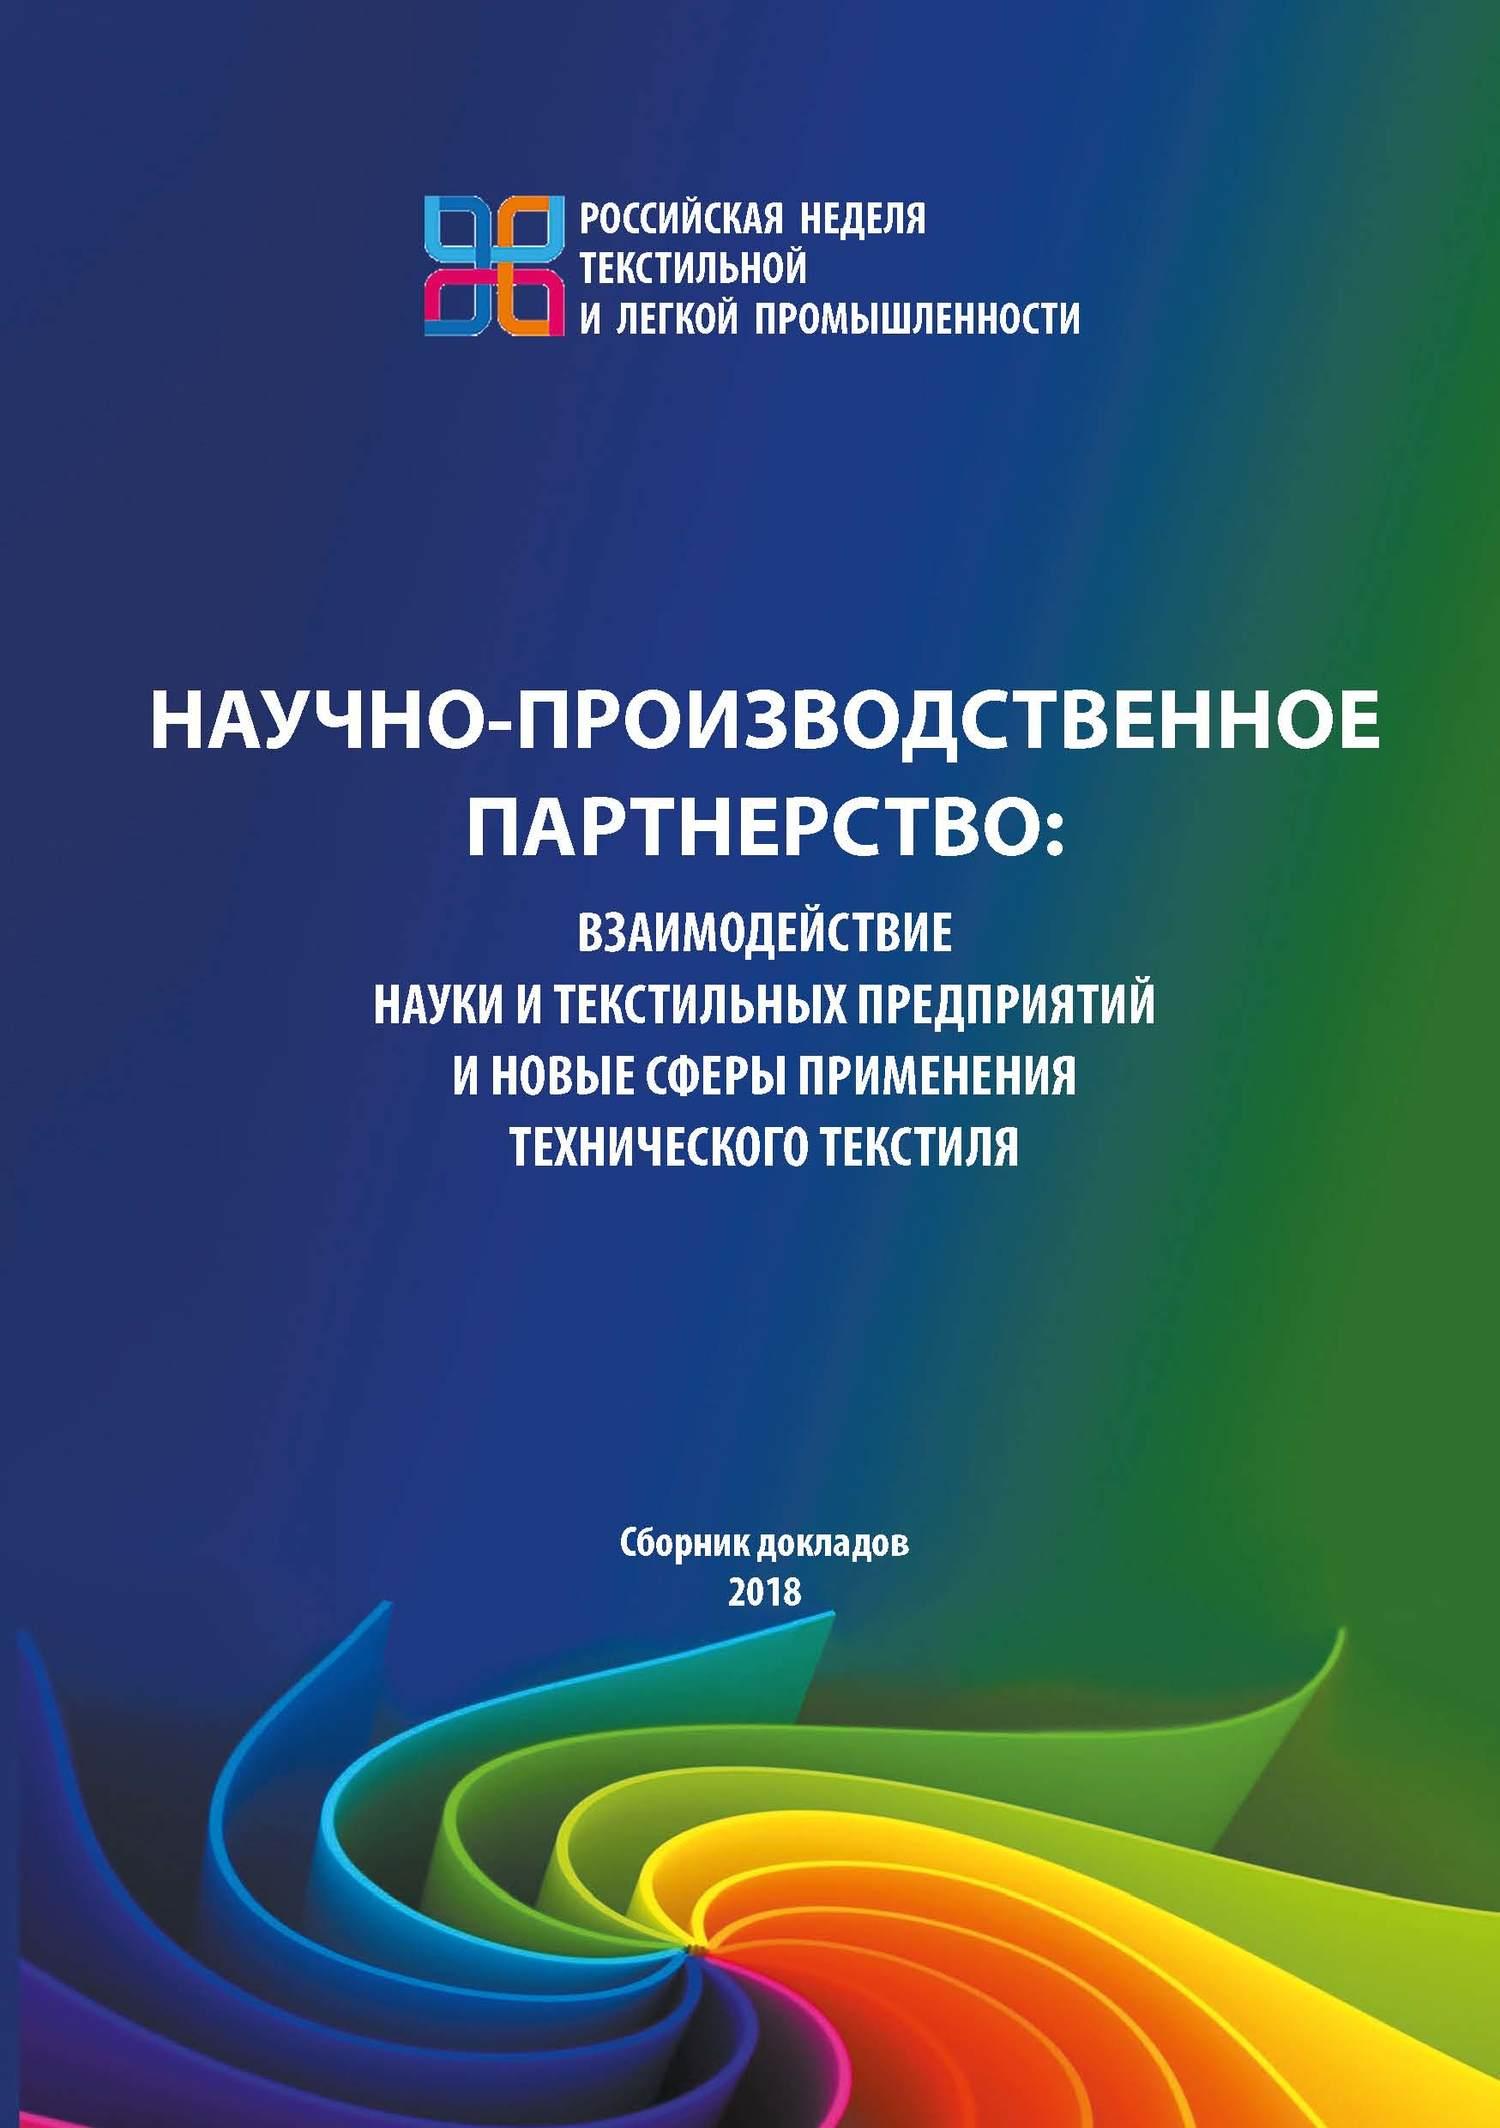 Научно-производственное партнерство. Взаимодействие науки и текстильных предприятий и новые сферы применения технического текстиля. ( Сборник статей  )